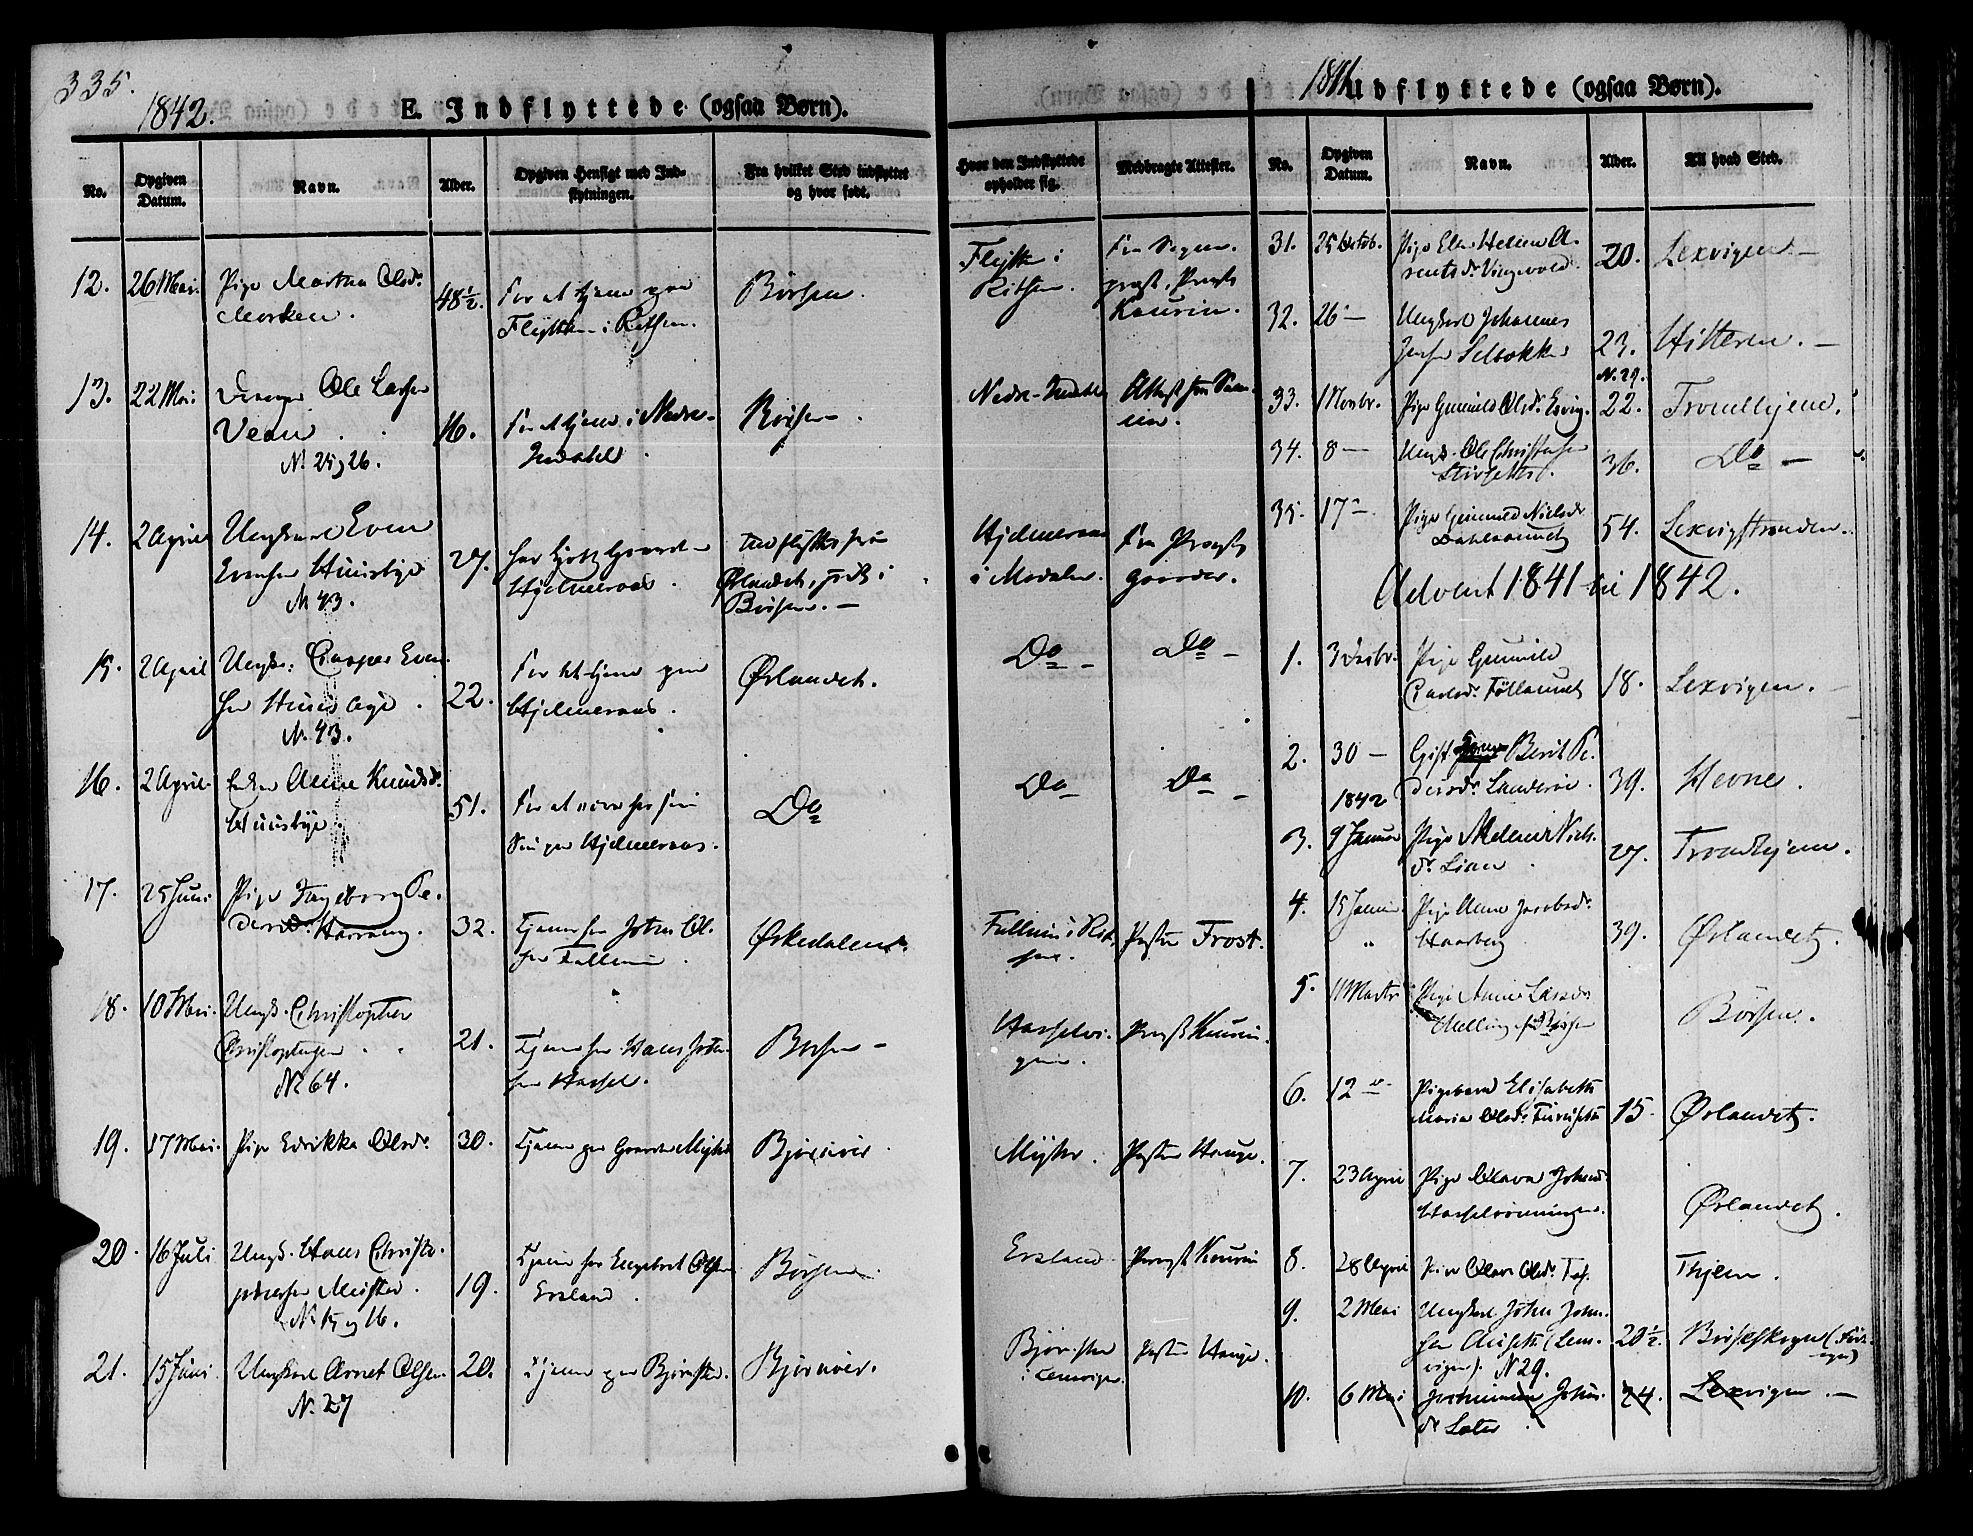 SAT, Ministerialprotokoller, klokkerbøker og fødselsregistre - Sør-Trøndelag, 646/L0610: Ministerialbok nr. 646A08, 1837-1847, s. 335